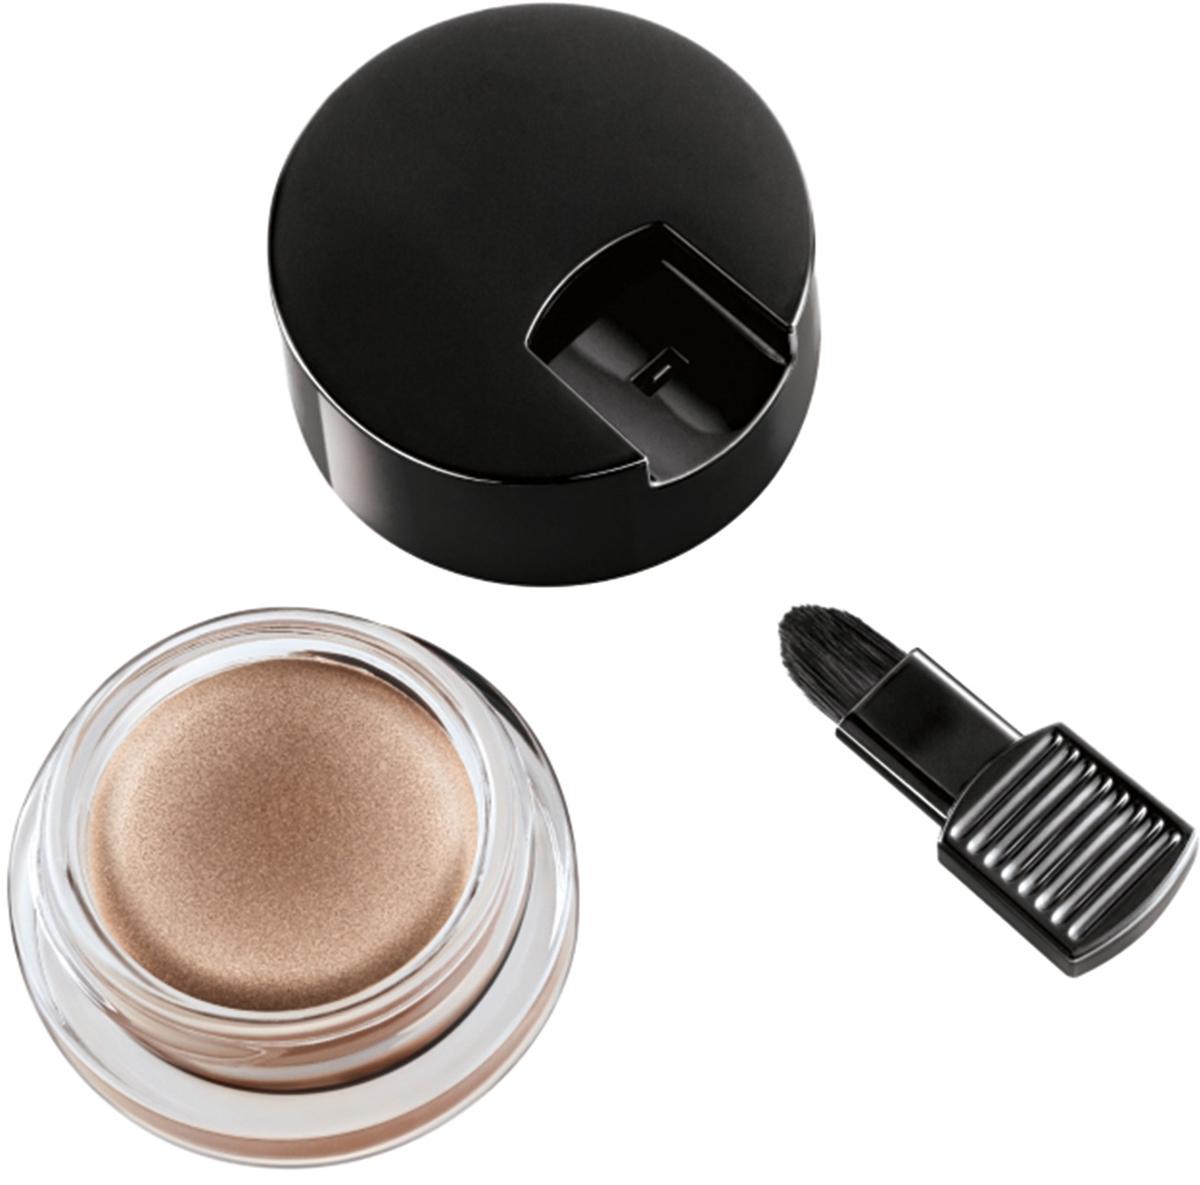 Revlon Тени - Моно Colorstay с кремовым эффектом, тон №730, 5 г7221761001Новинка от REVLON! Кремовые тени для глаз. Палитра из 8 шикарных оттенков помогут создать как дневной так и вечерний макияж. Матовый эффект или сияющий блеск -выбери лучшее.